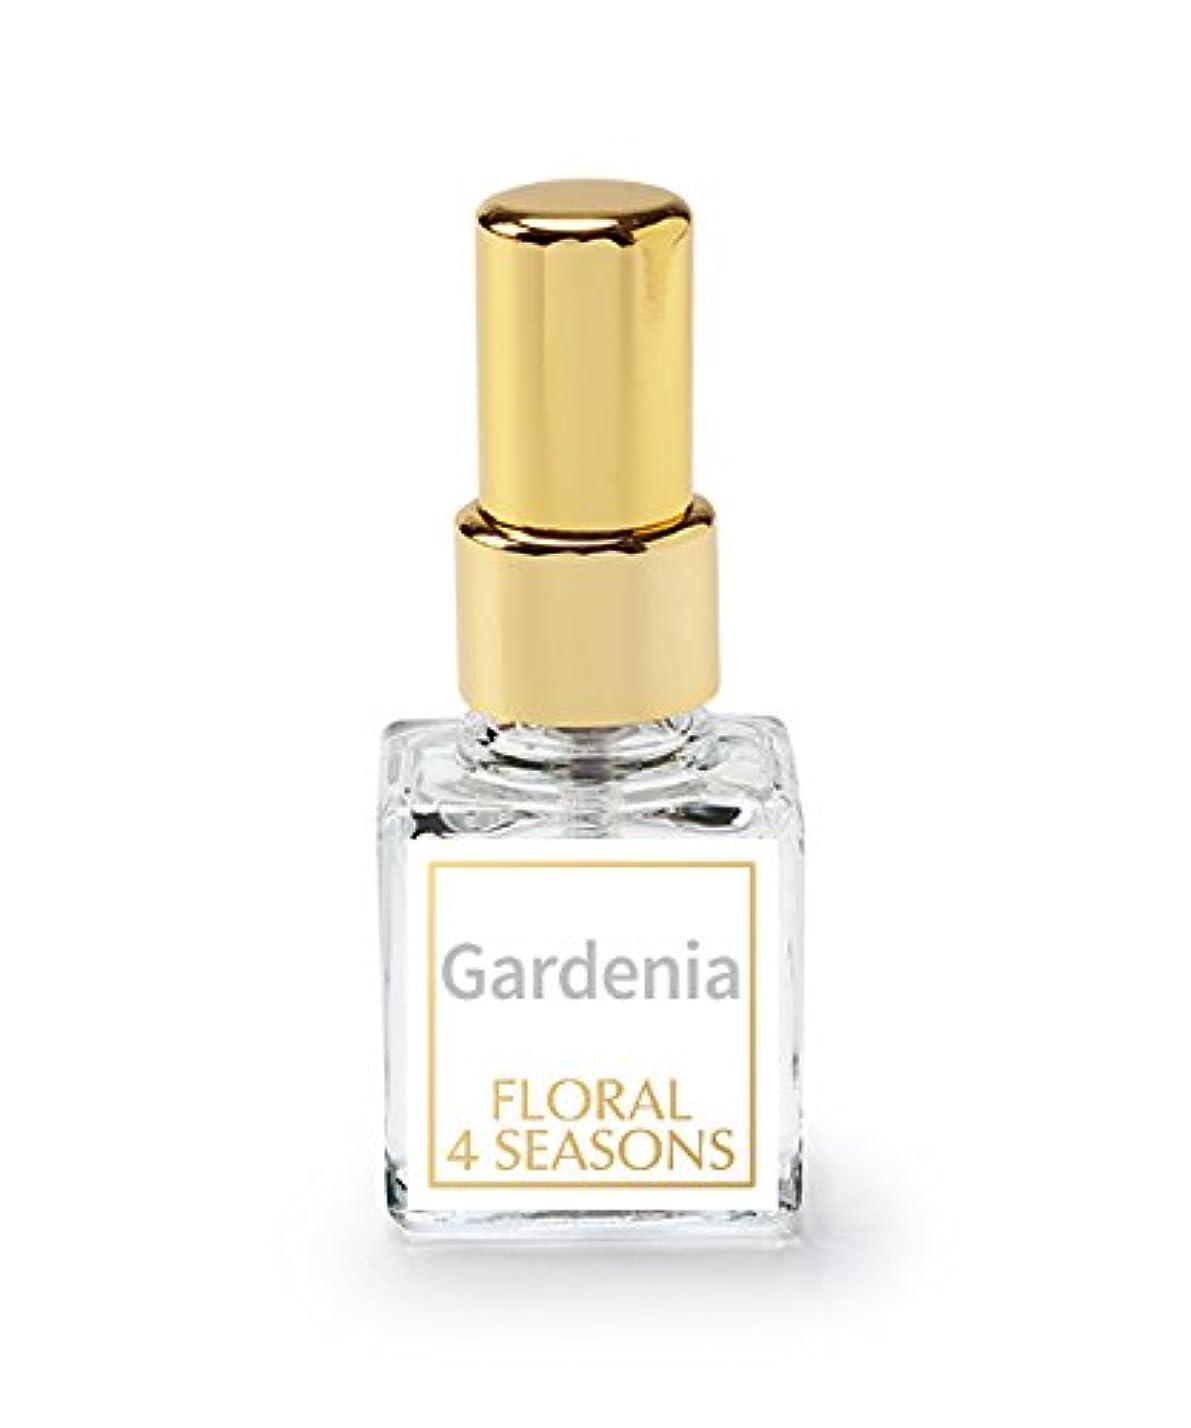 奇跡的な血色の良い適応的武蔵野ワークスの香水「くちなし」(ガーデニア)(EDP/4mL)